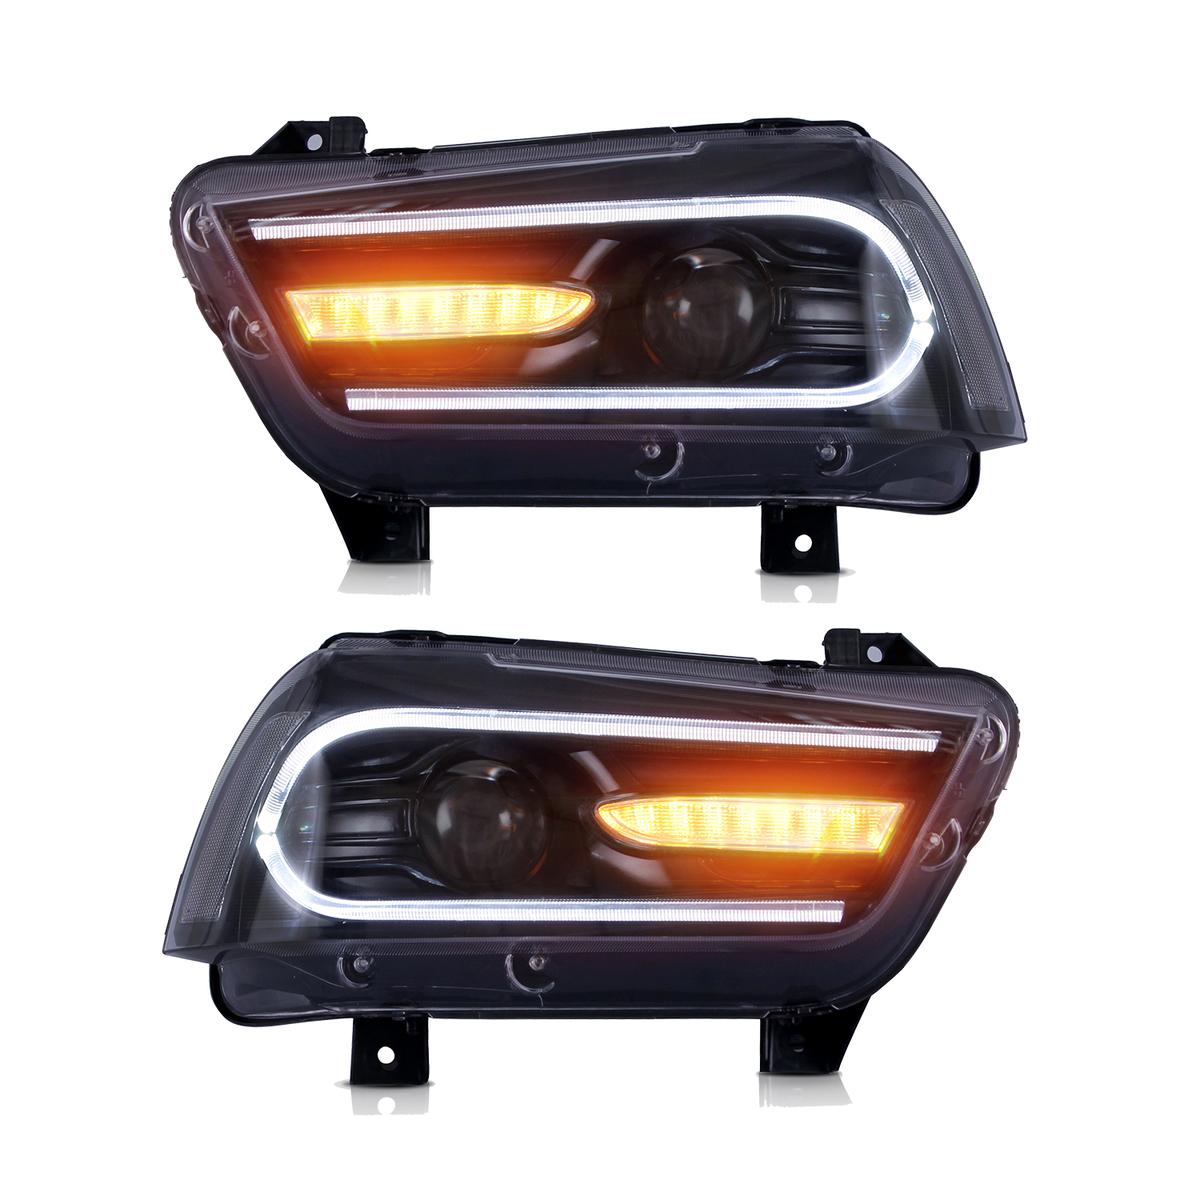 ダッジ チャージャー プロジェクター ヘッドライト LED 毎週更新 USEKA 用プロジェクター ヘッドランプ CHARGER 購入 11-14LED LAMP HEADLIGHT 左右セット新品 11-14 DODGE FOR